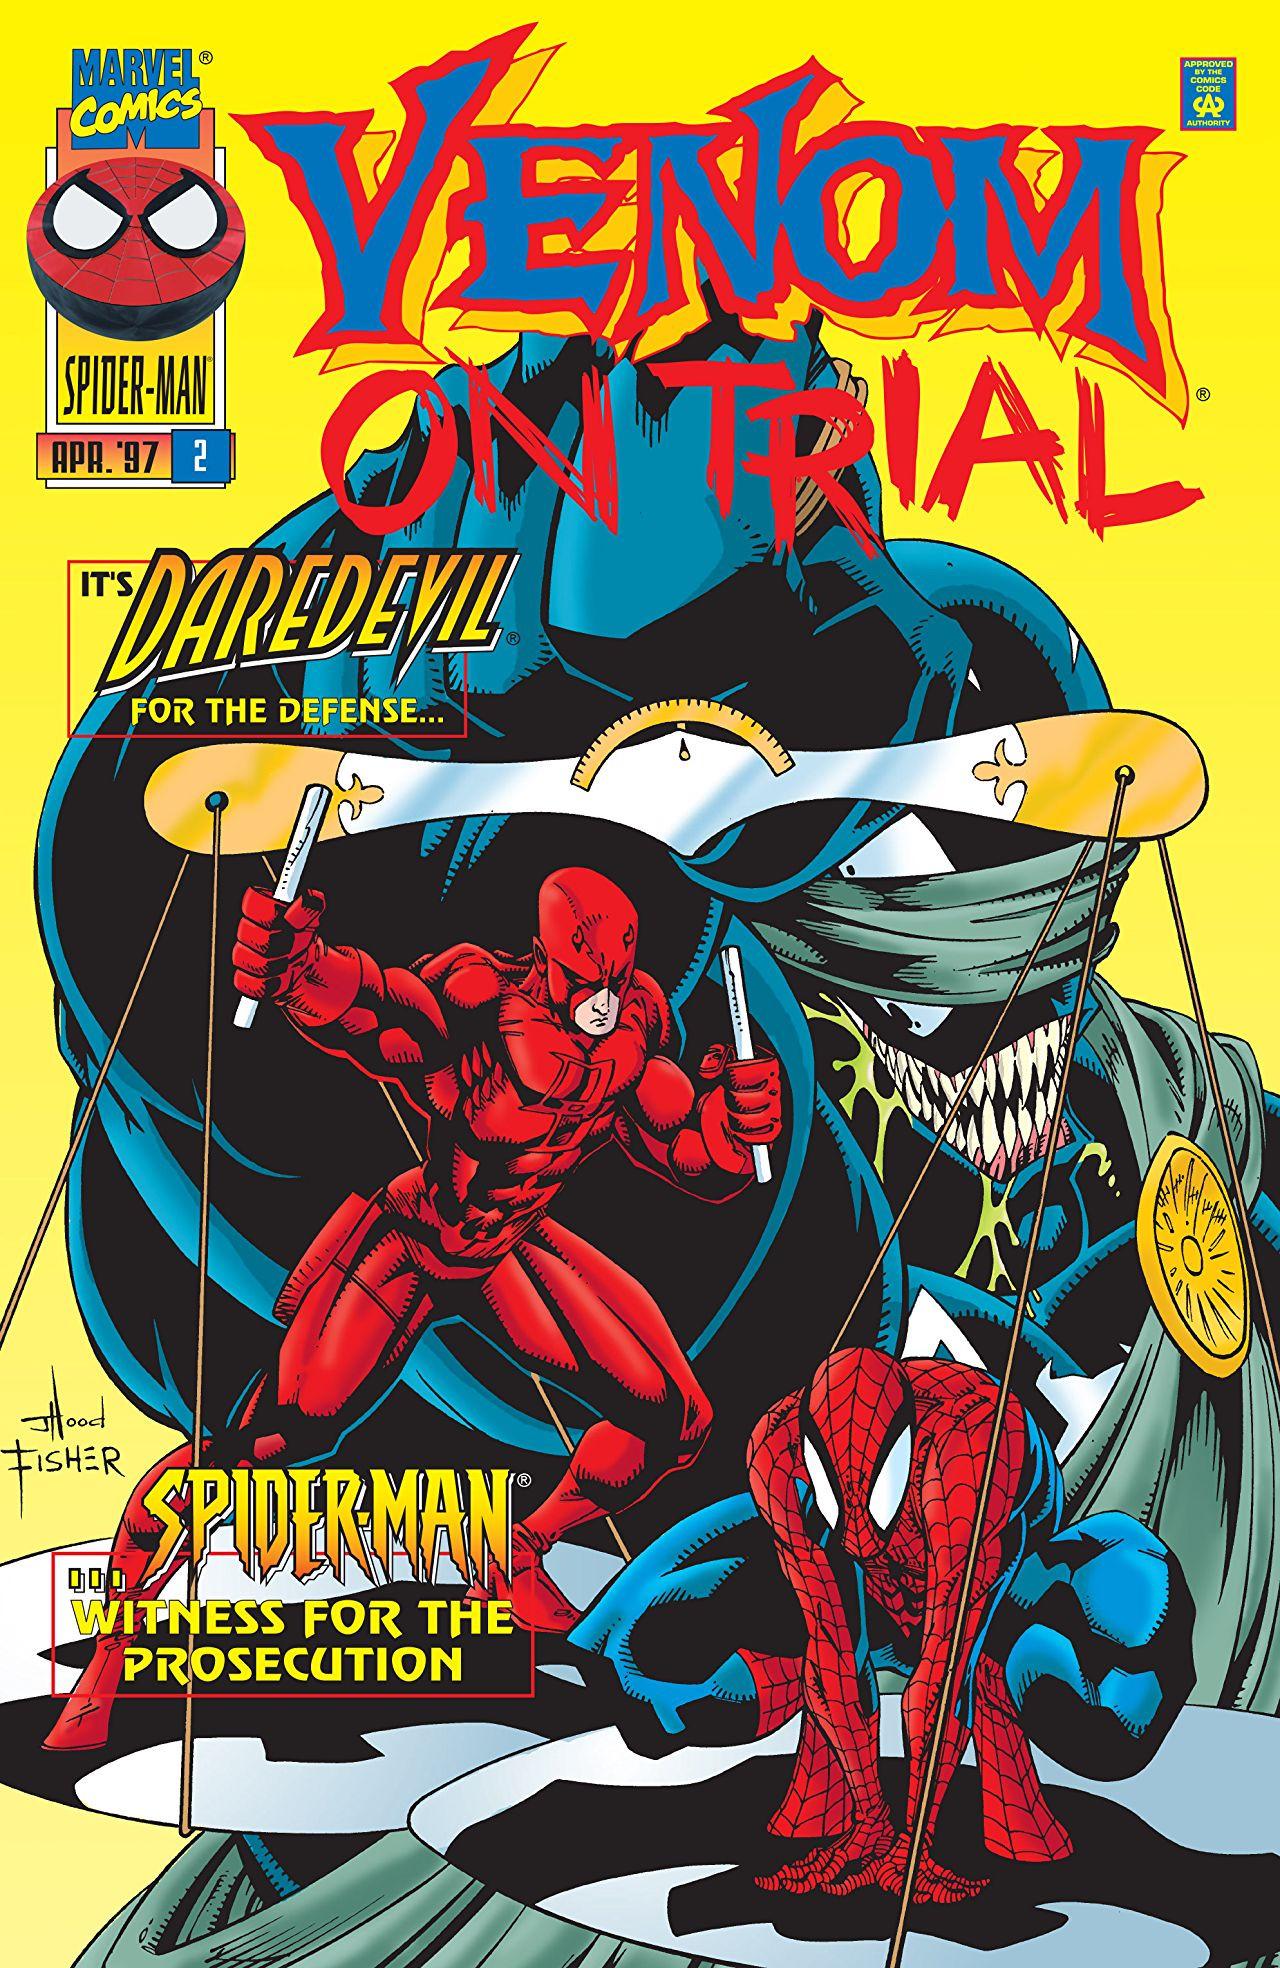 Venom: On Trial Vol 1 2